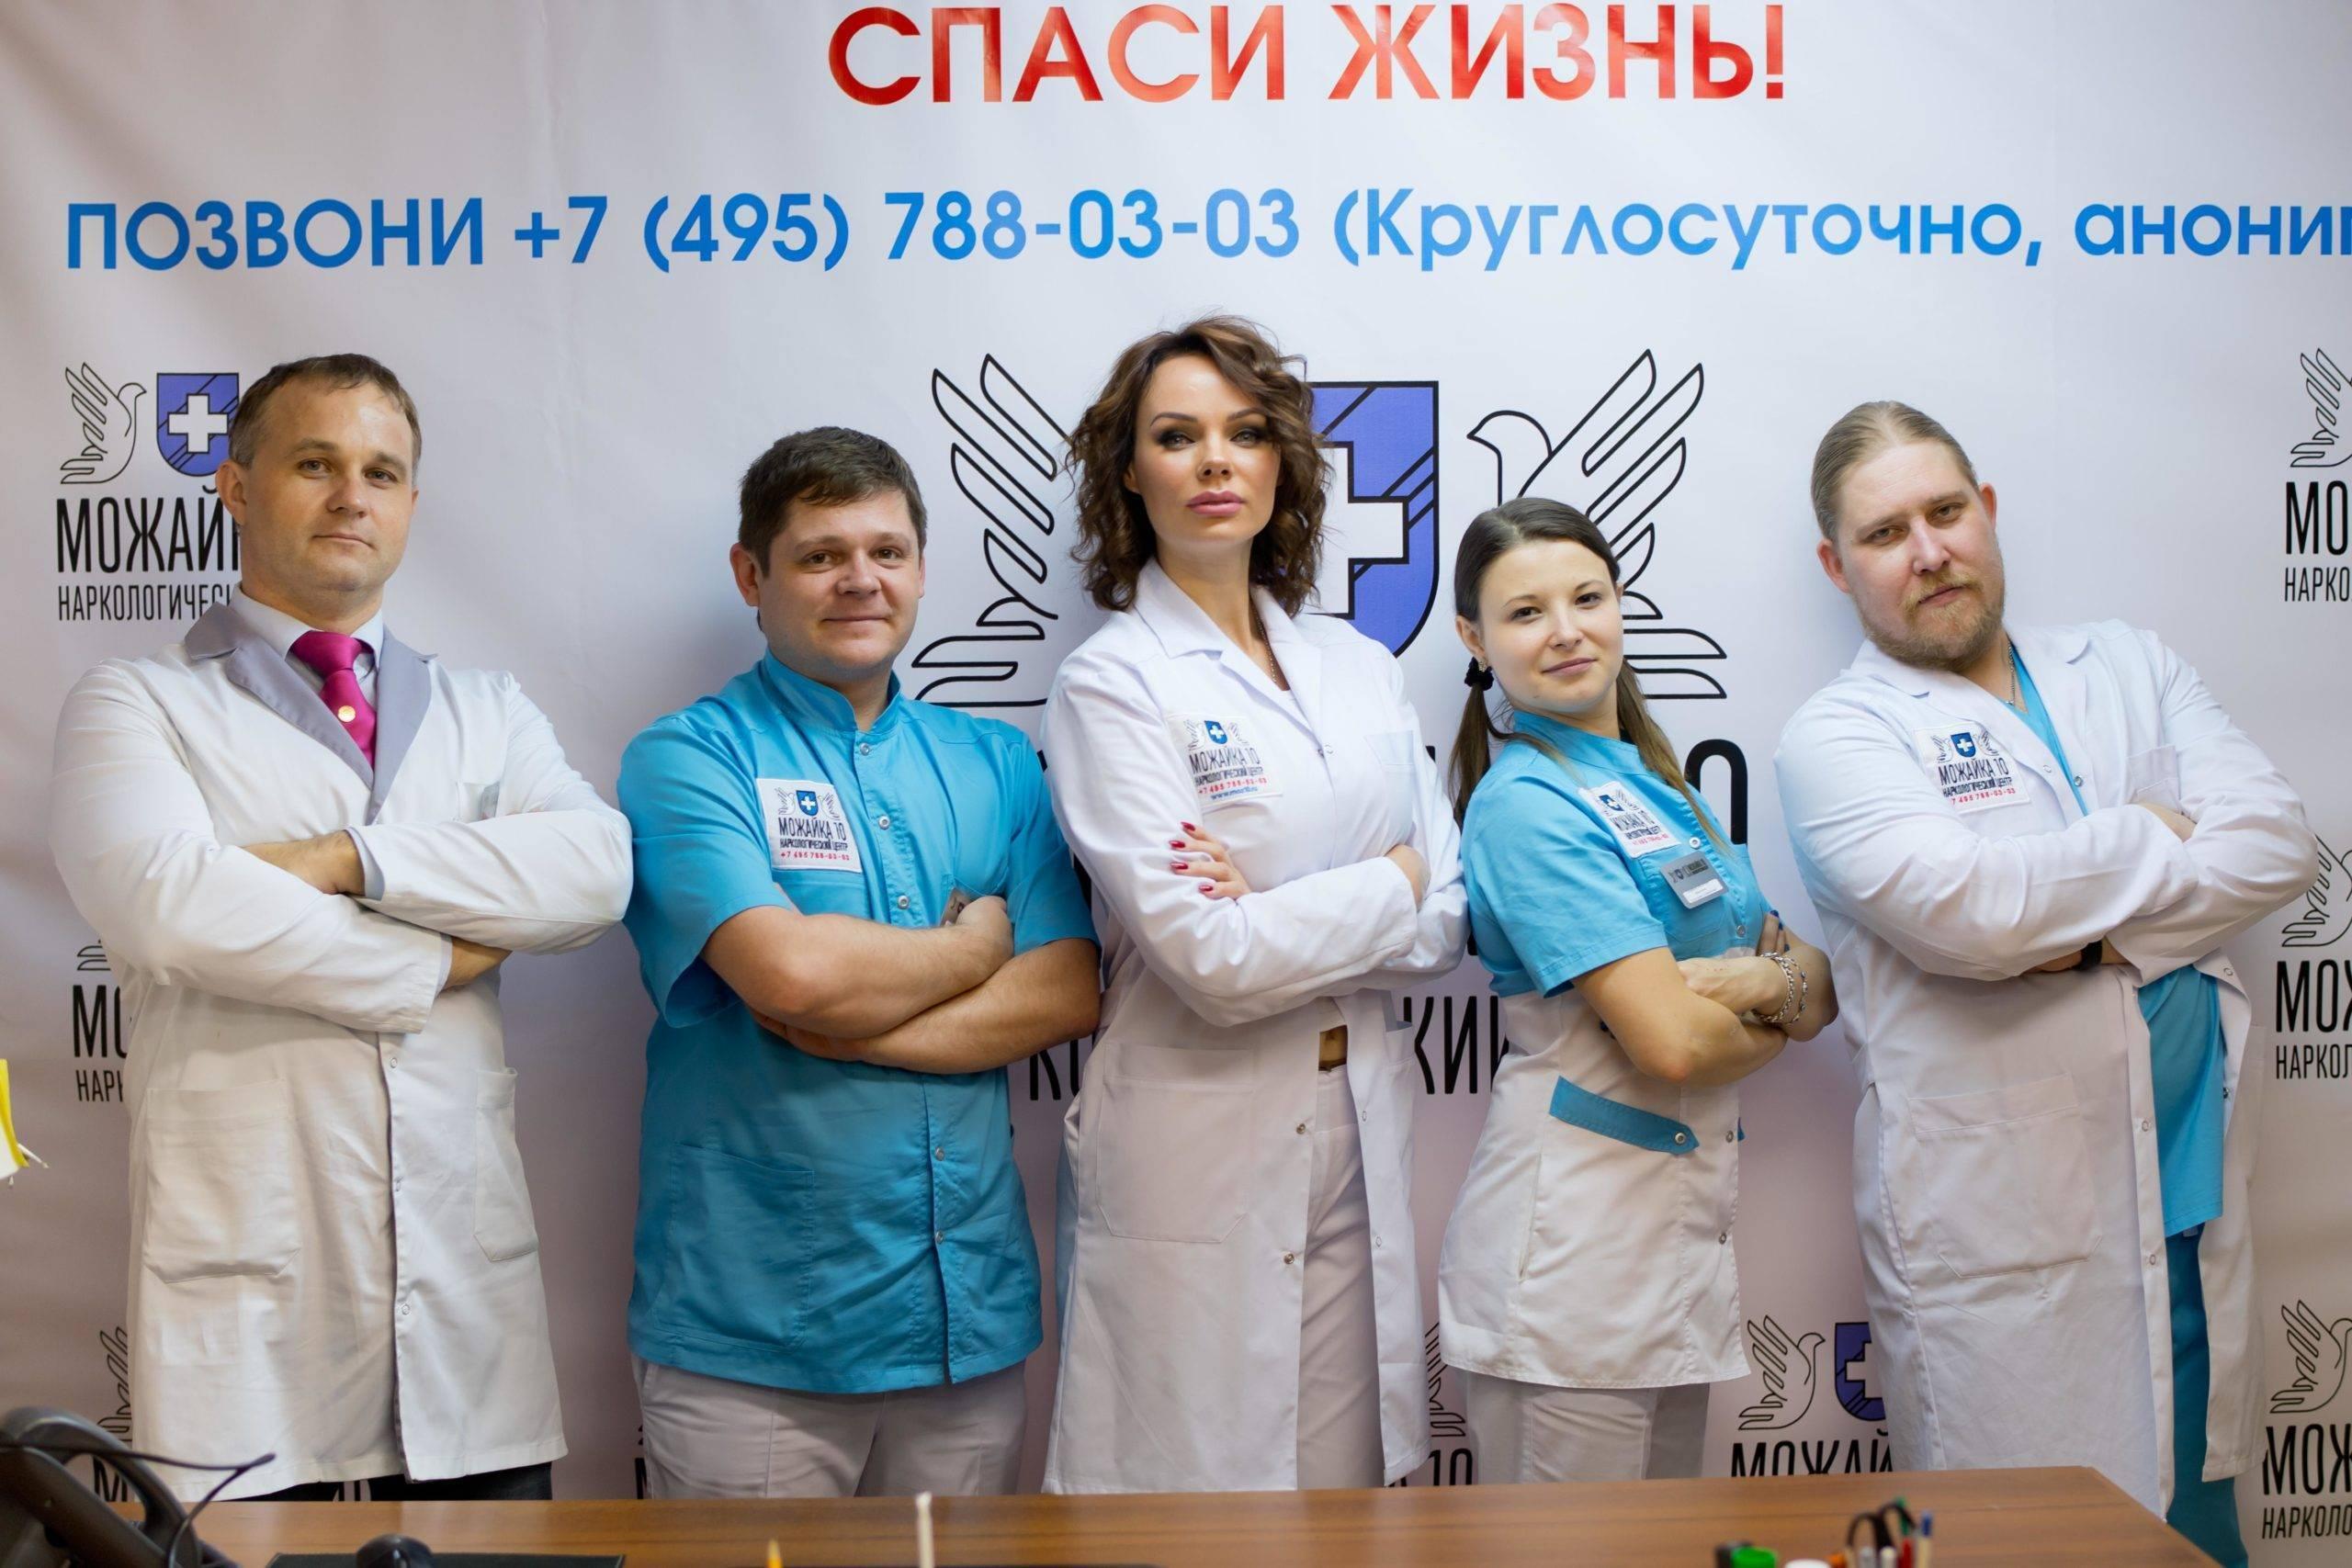 Срочная наркологическая помощь в москве - клиника марии фроловой %